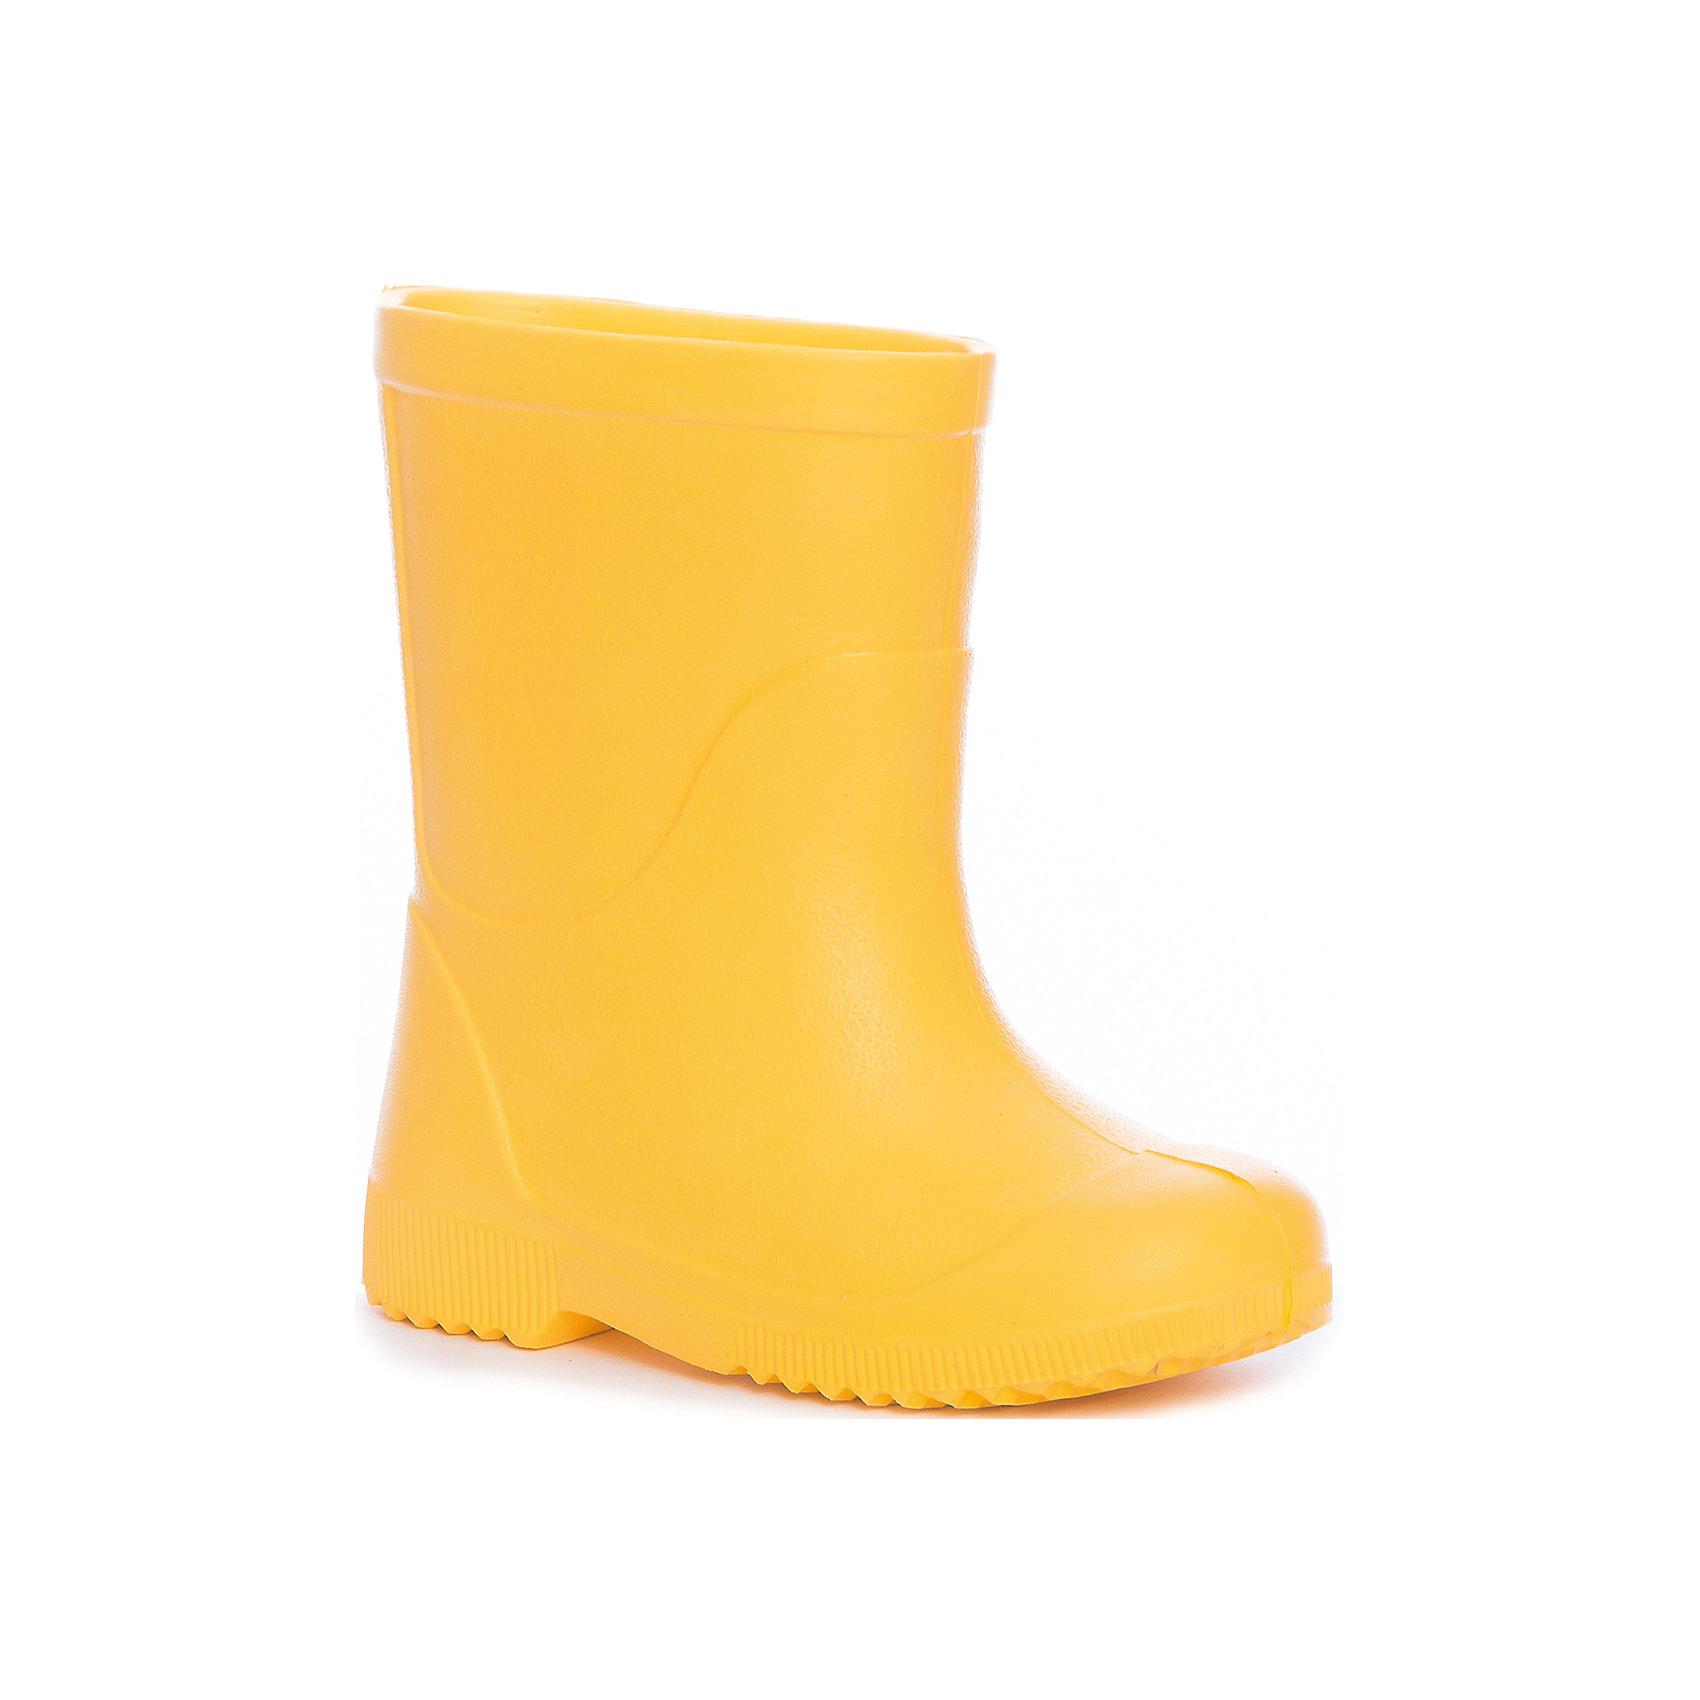 Резиновые сапоги NordmanРезиновые сапоги<br>Характеристики товара:<br><br>• цвет: желтый<br>• материал верха: ЭВА<br>• подклад: ЭВА<br>• стелька: ЭВА<br>• подошва: ЭВА<br>• сезон: демисезон<br>• температурный режим: от +10<br>• непромокаемые<br>• подошва не скользит<br>• анатомические <br>• страна бренда: Россия<br>• страна изготовитель: Россия<br><br>Резиновые сапоги желтого цвета. Сапоги выполнены их ЭВА материала, что делает их очень легкими. Резиновые на рифленой подошве, без подкладки. <br><br>Резиновые сапоги Nordman (Нордман) можно купить в нашем интернет-магазине.<br><br>Ширина мм: 257<br>Глубина мм: 180<br>Высота мм: 130<br>Вес г: 420<br>Цвет: желтый<br>Возраст от месяцев: 132<br>Возраст до месяцев: 144<br>Пол: Унисекс<br>Возраст: Детский<br>Размер: 34/35,28/29,30/31,32/33,22/23,24/25,26/27<br>SKU: 6867261